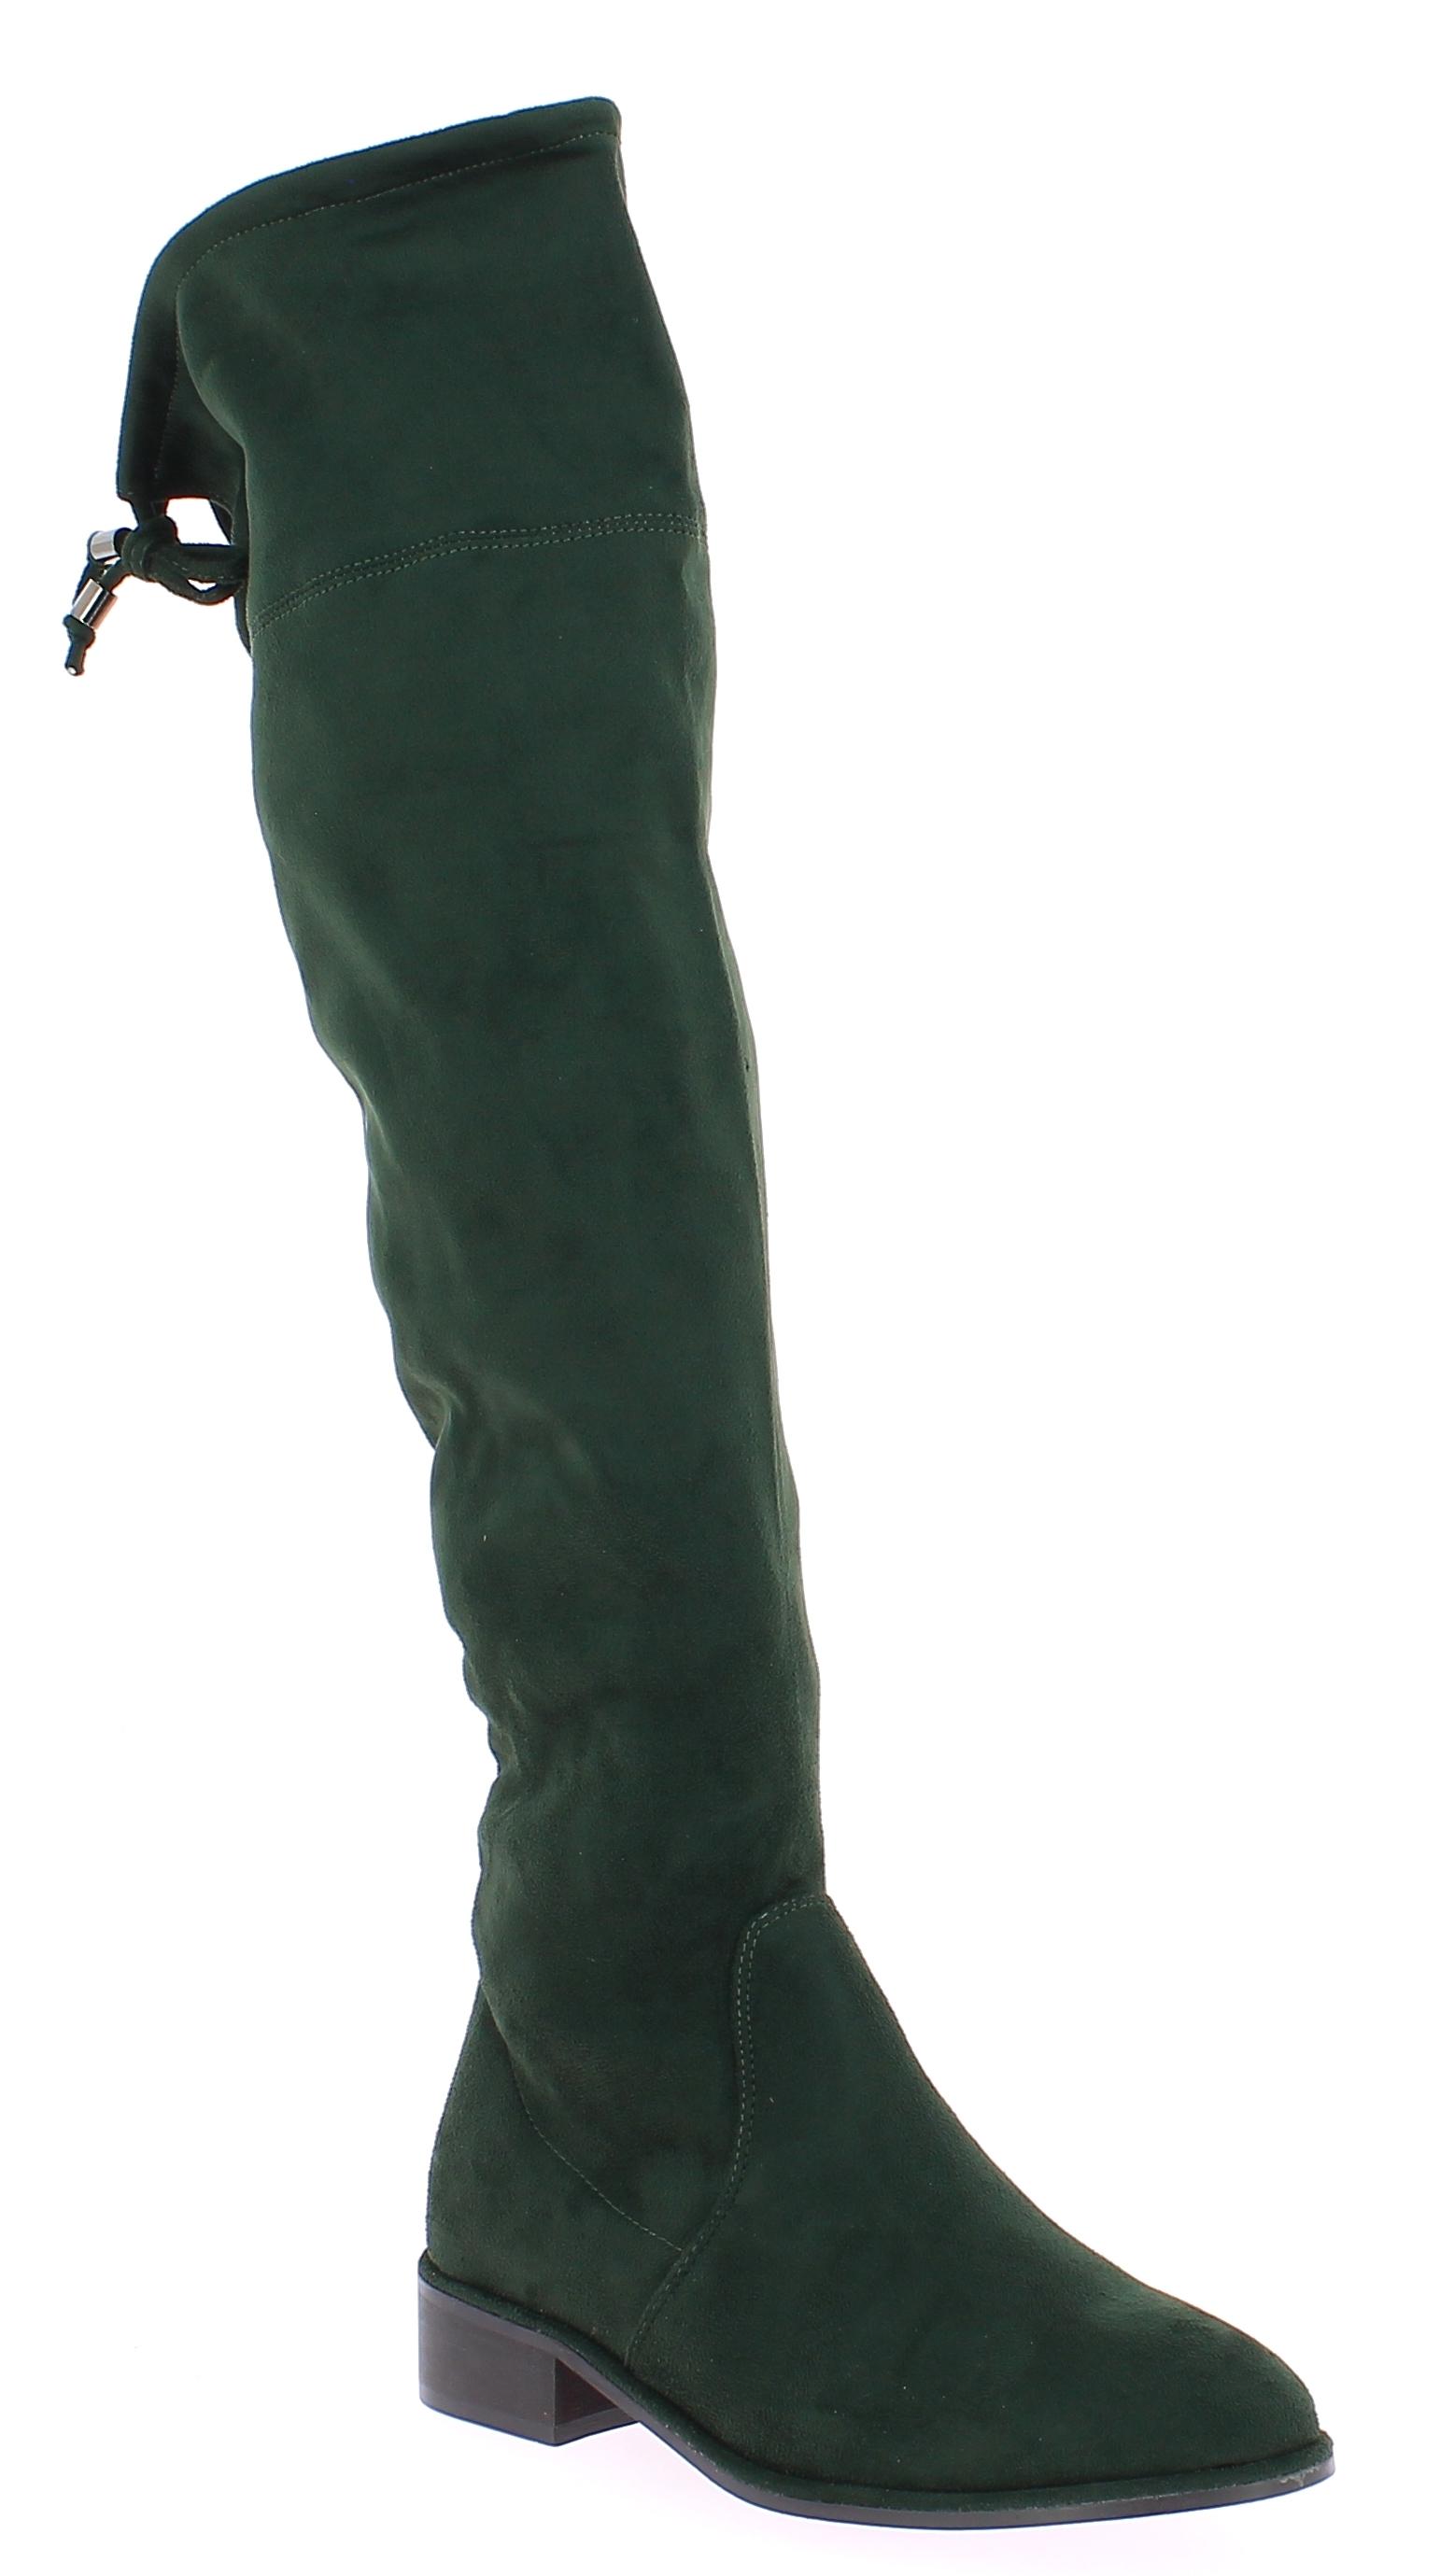 CORINA Γυναικεία Μπότα C7835 Κυπαρισσί - CORINA - C7835 VERDE-Verde-37/1/4/27 παπούτσια  new in